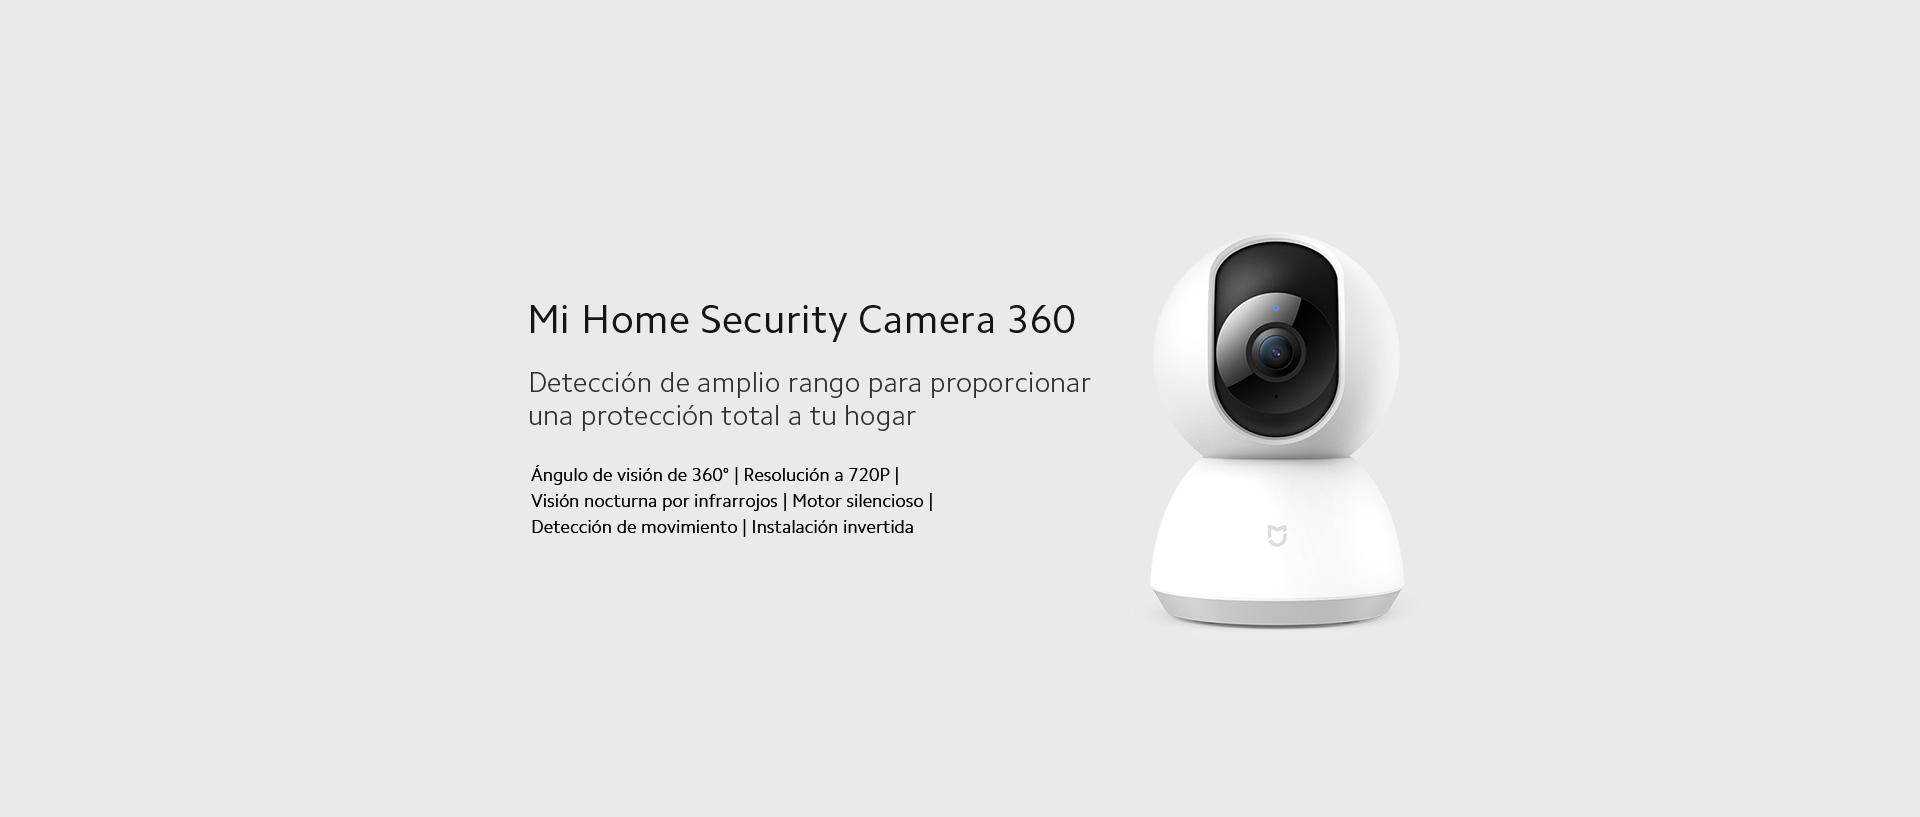 xiaomi-mi-home-security-camera-360-1080p